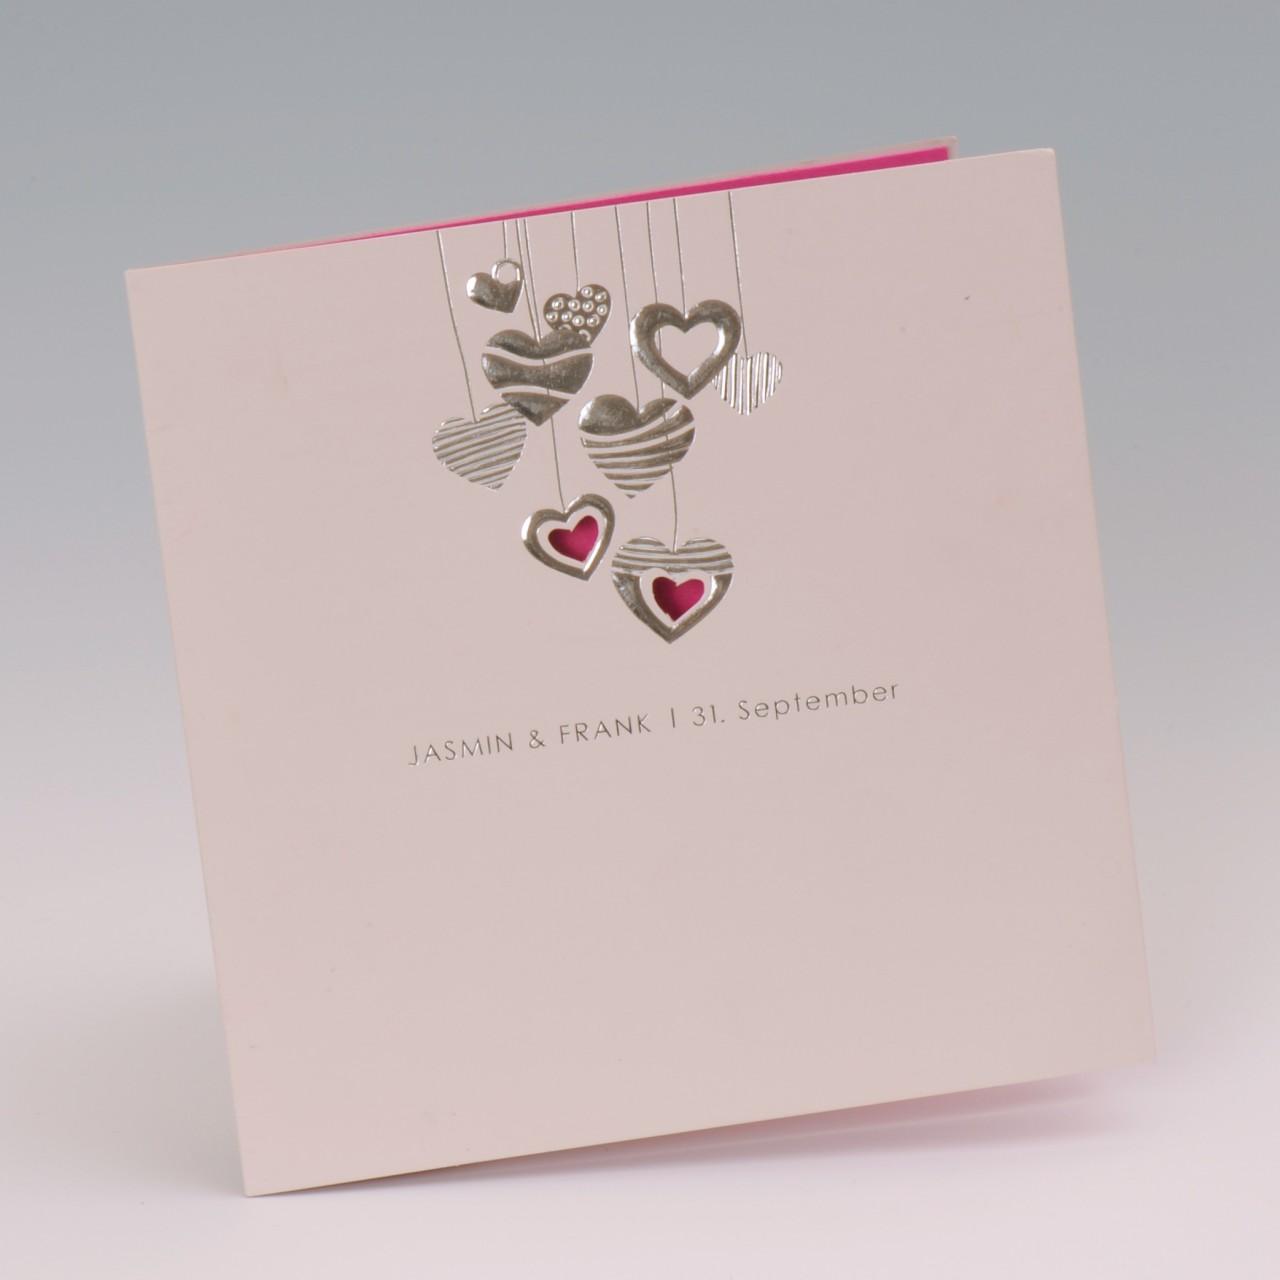 Bezaubernde Hochzeitskarte Herz pink, die Ihre Gäste sofort mit Ihnen glücklich auf ein gelungenes Fest einstimmen wird. Bei uns online erhältlich.